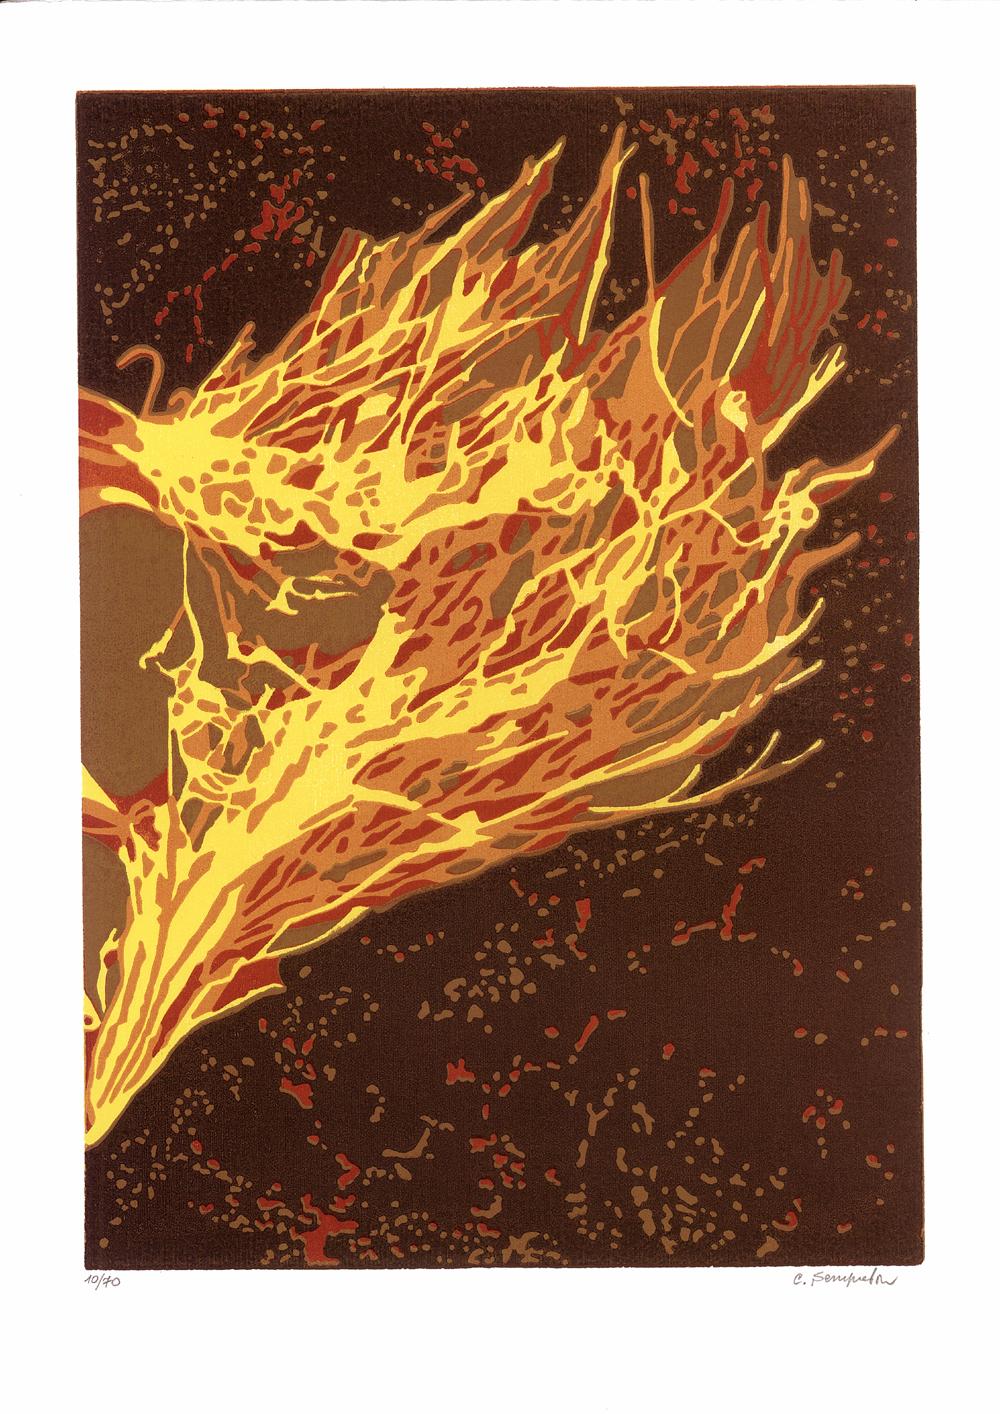 Anime-gemelle-xilografia-a-colori-a-legno-perso-mm-350x250-foglio-mm-420x300-2011